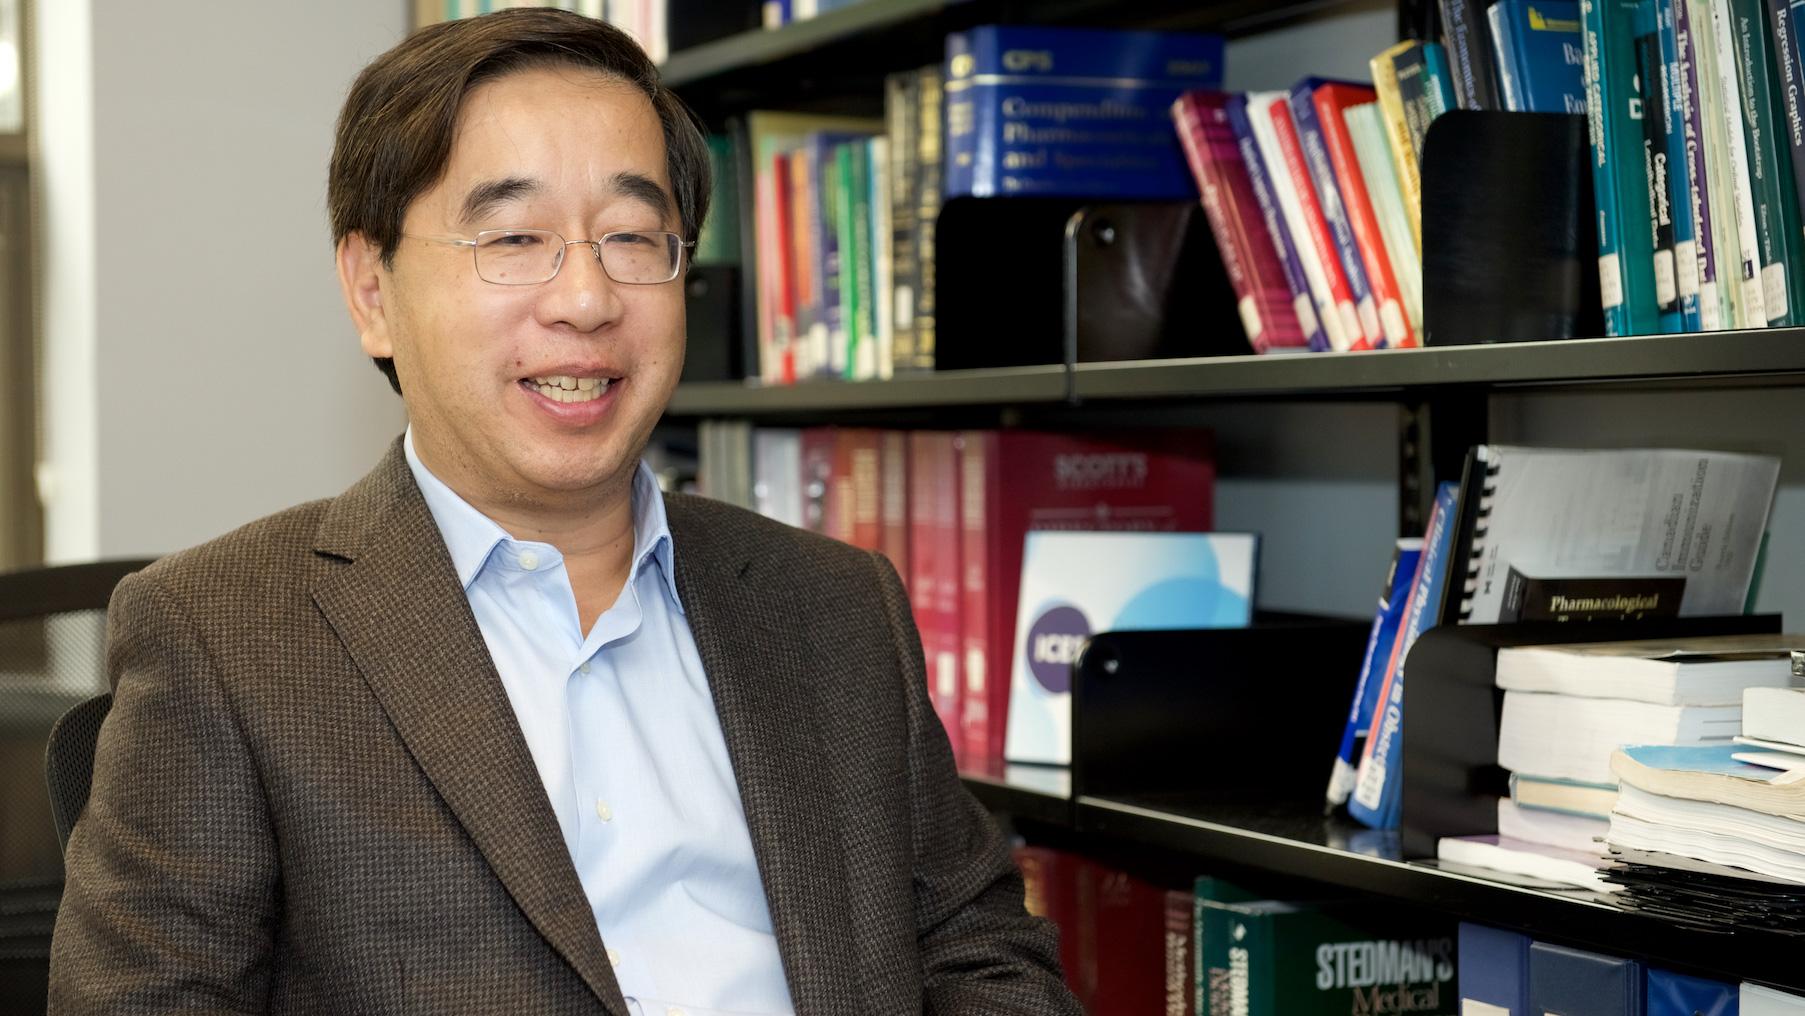 Dr. Jack Tu